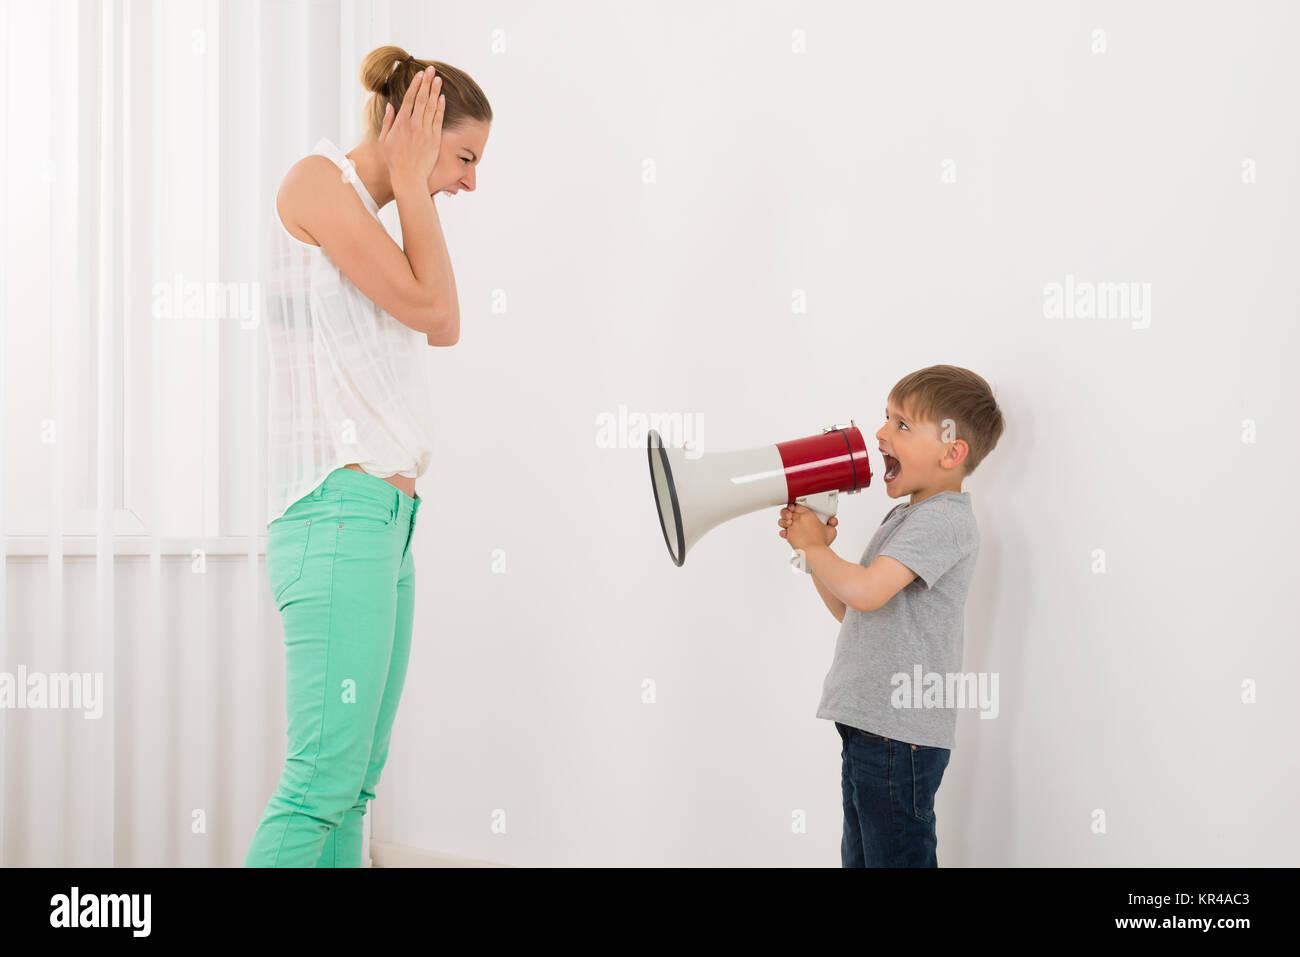 Chico gritando a su madre Imagen De Stock